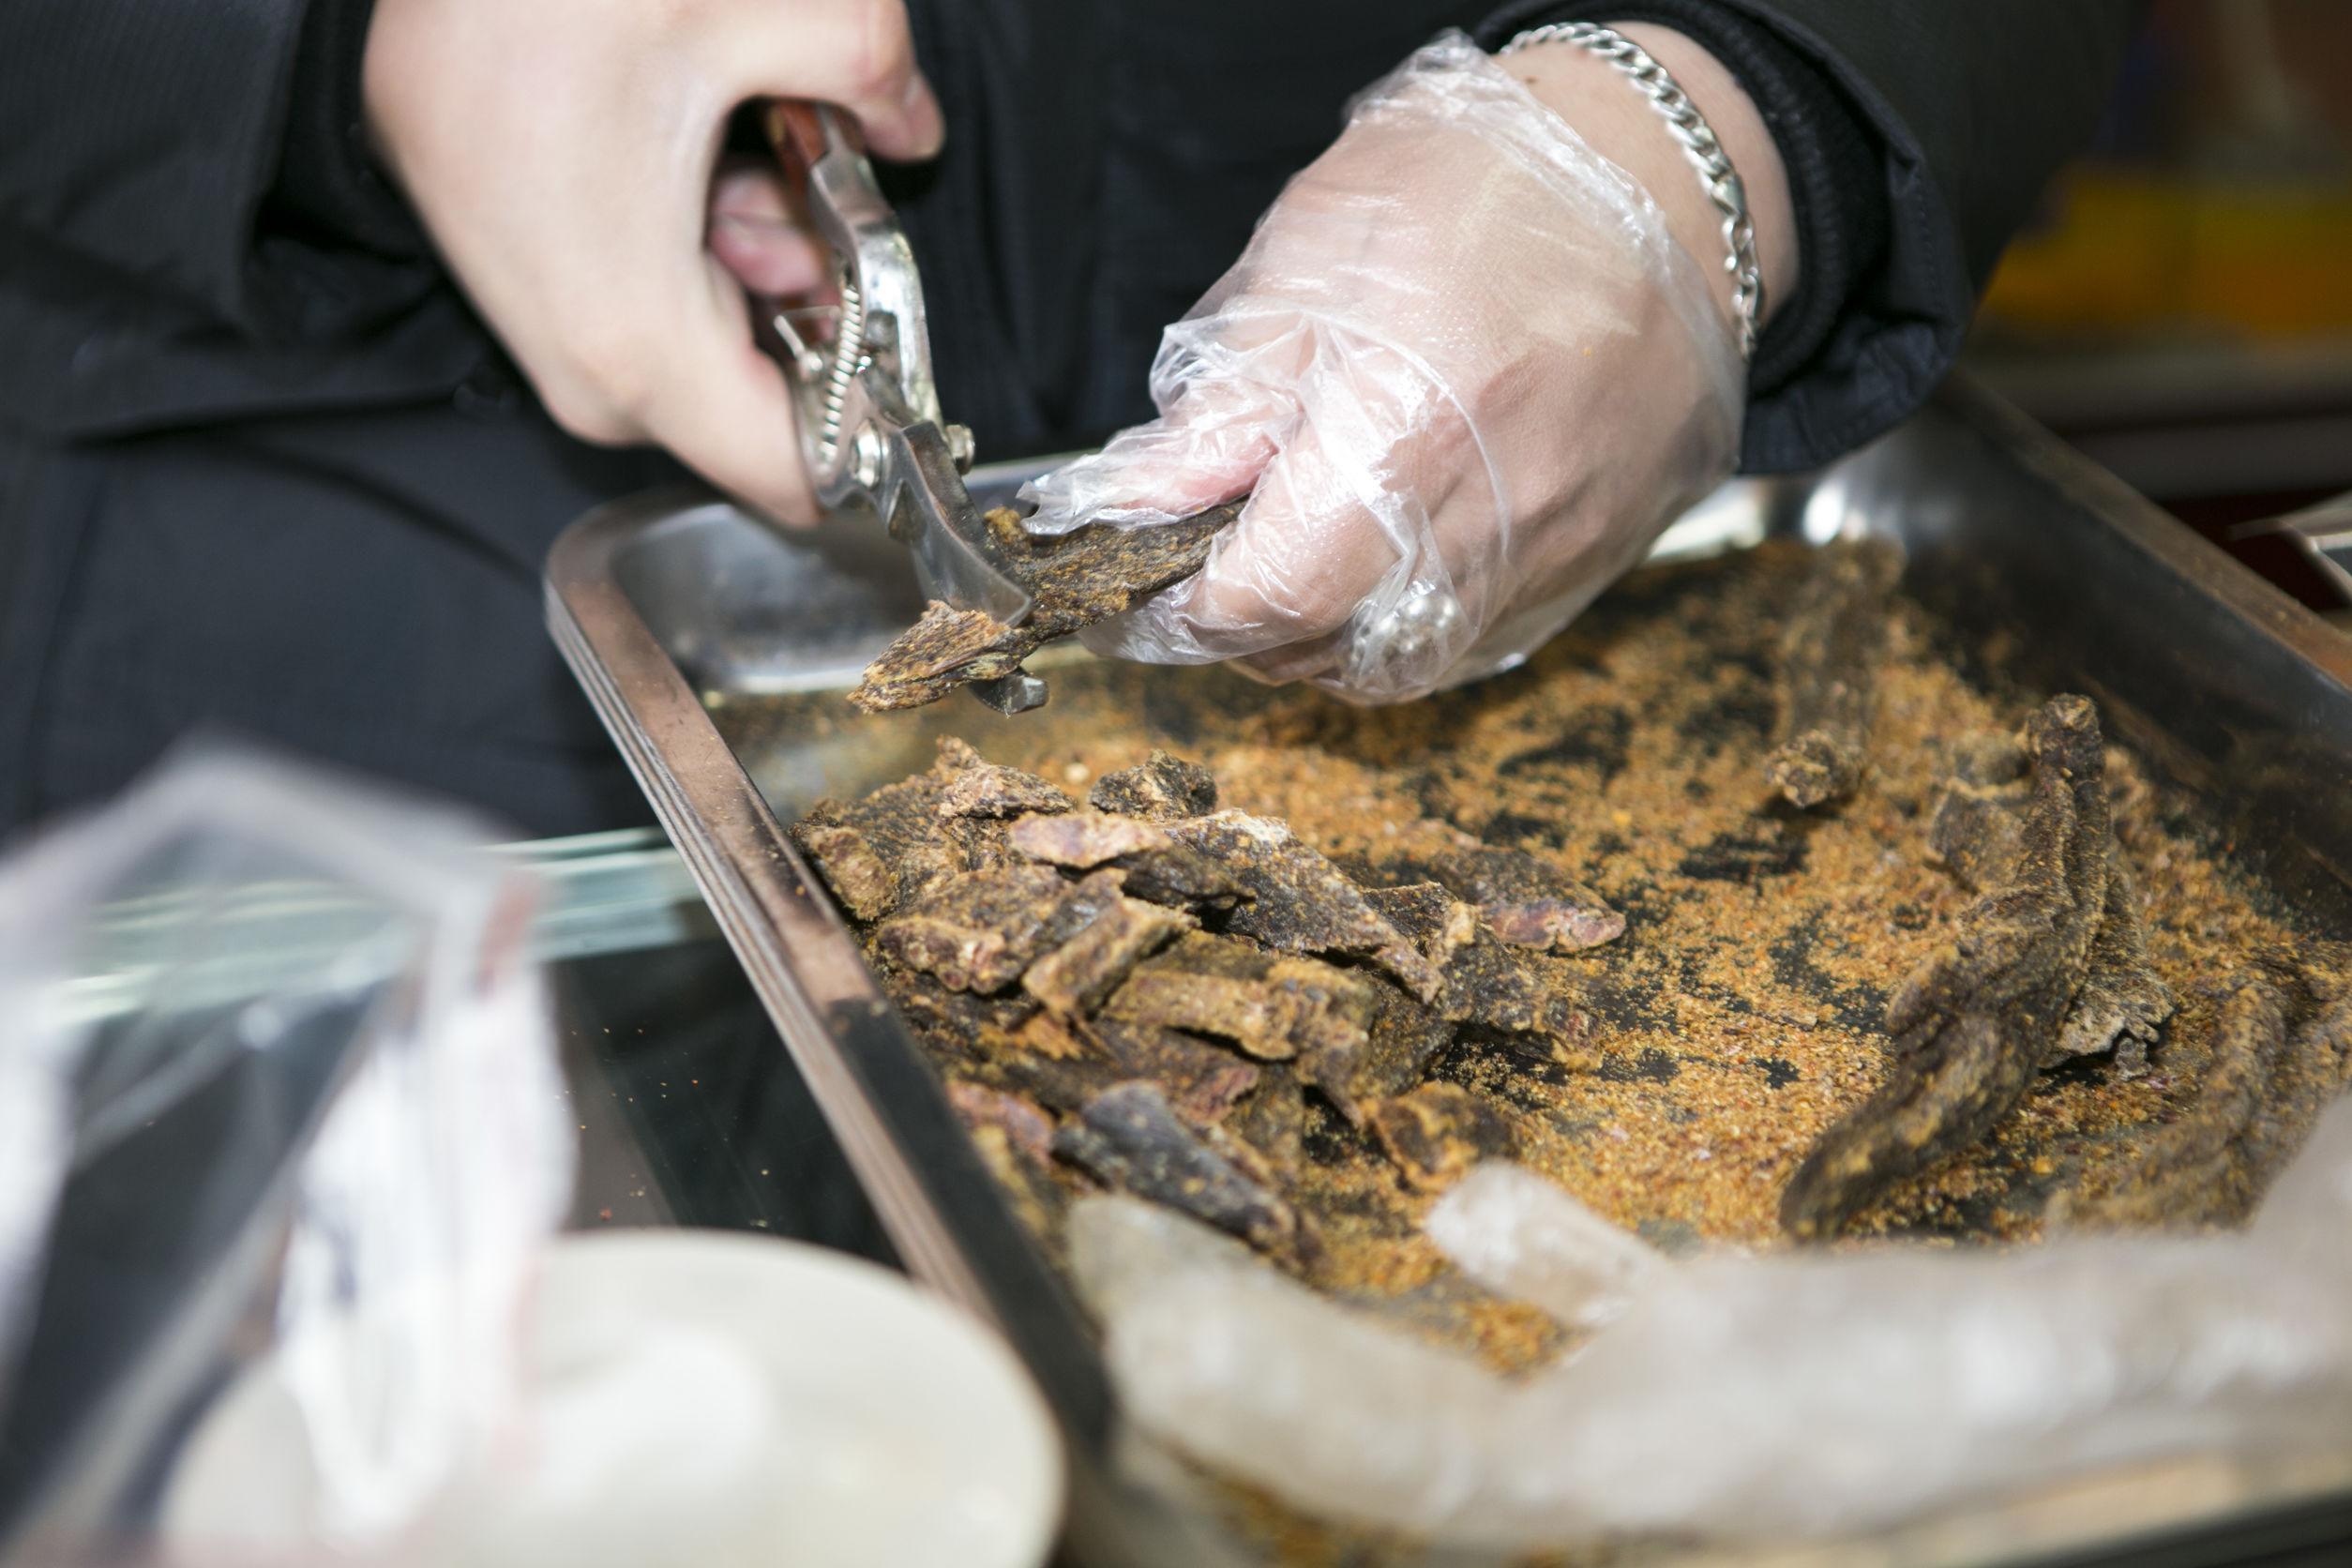 Cerca de la mano que sostiene las tijeras de podar cortando carne seca en bandeja de acero inoxidable